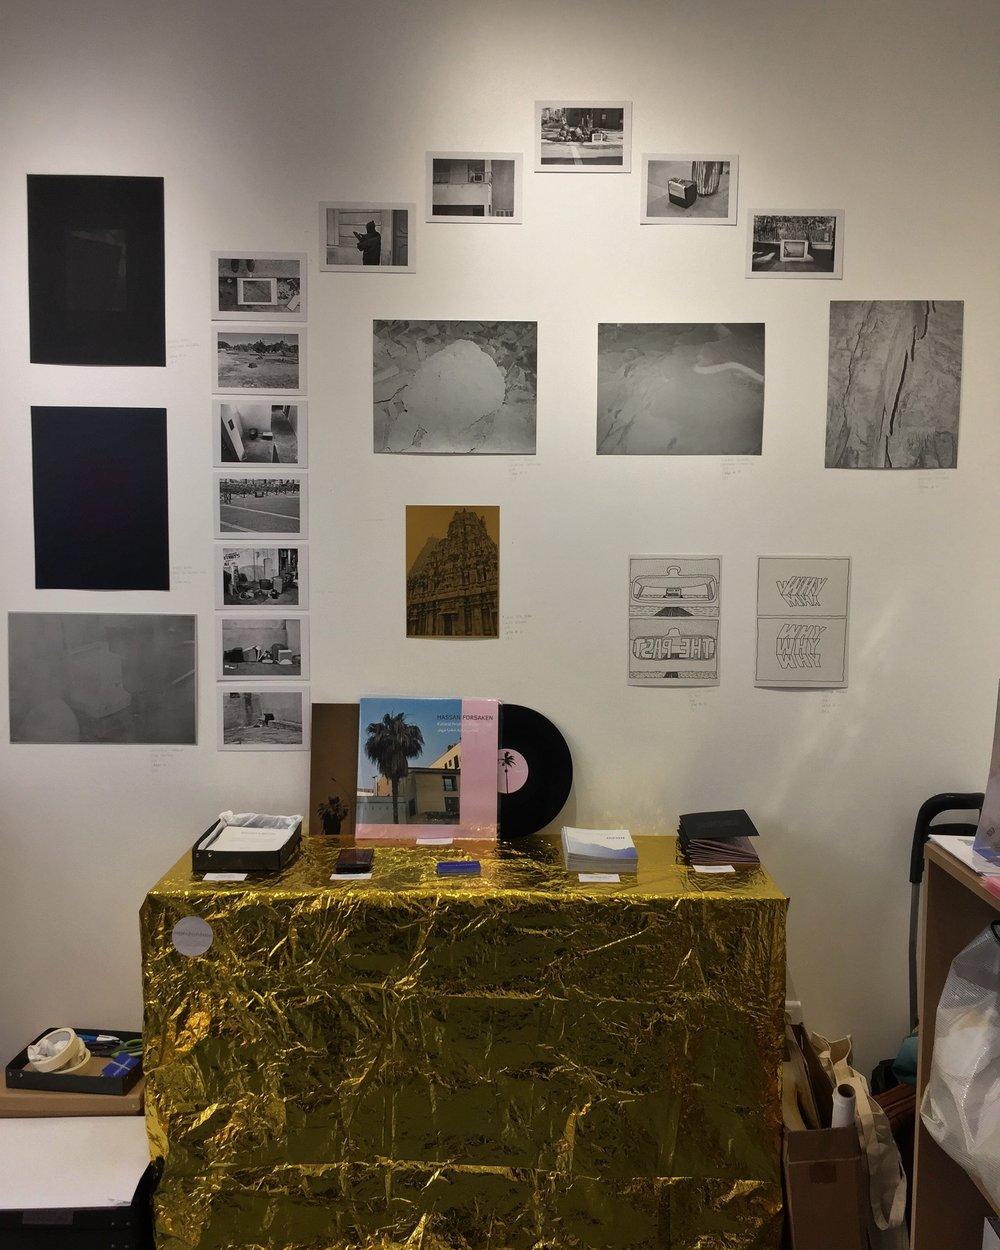 Risofest, Galerie 34Greneta, Paris01.06.2018 - 02.06.2018 - RISOFEST Paris est le festival qui célèbre la création, l'édition et la risographie.A cette occasion, lancement du zine de Zebadiah Keneally, du box set de Nathanaëlle Herbelin et du guide du Japon de Zélie Davin.